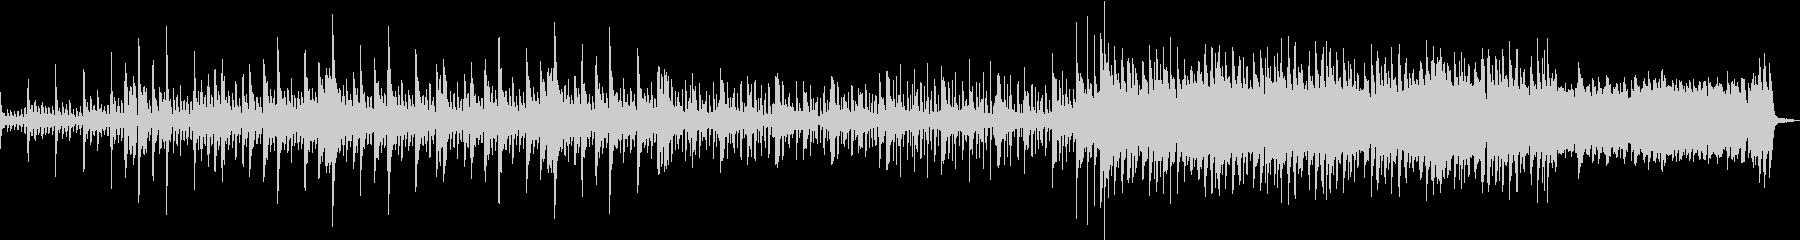 ピアノがメインのバラードの未再生の波形